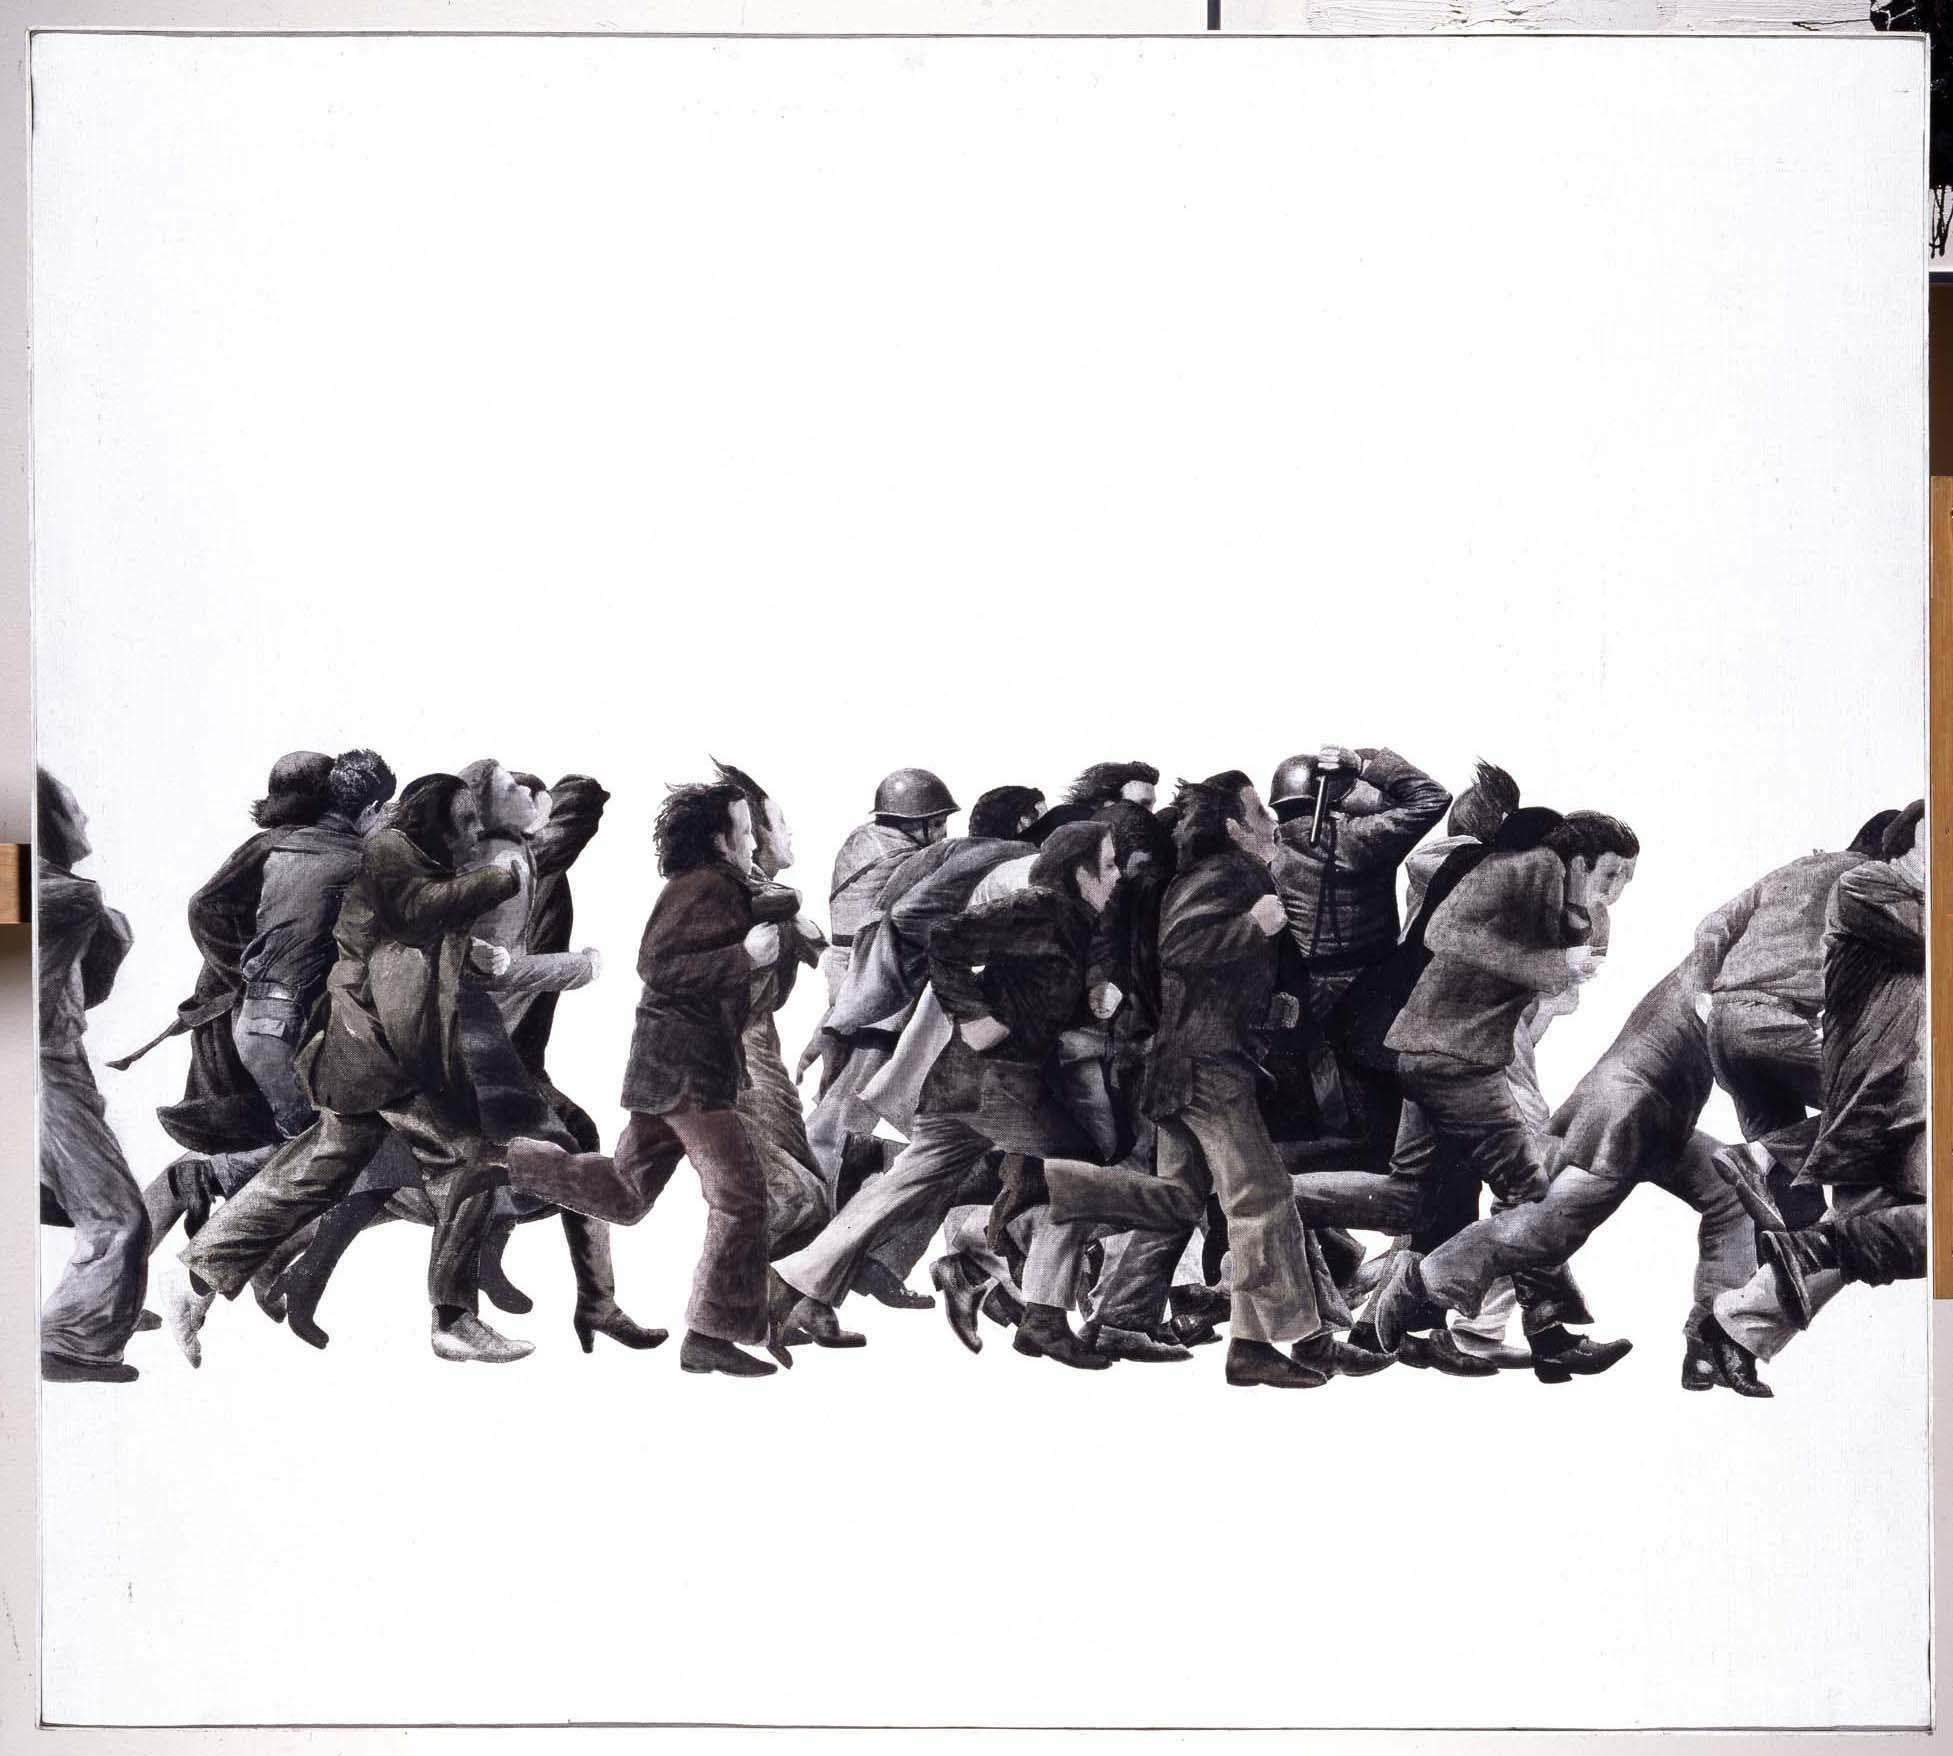 Juan Genovés - Pintura (Gente corriendo)